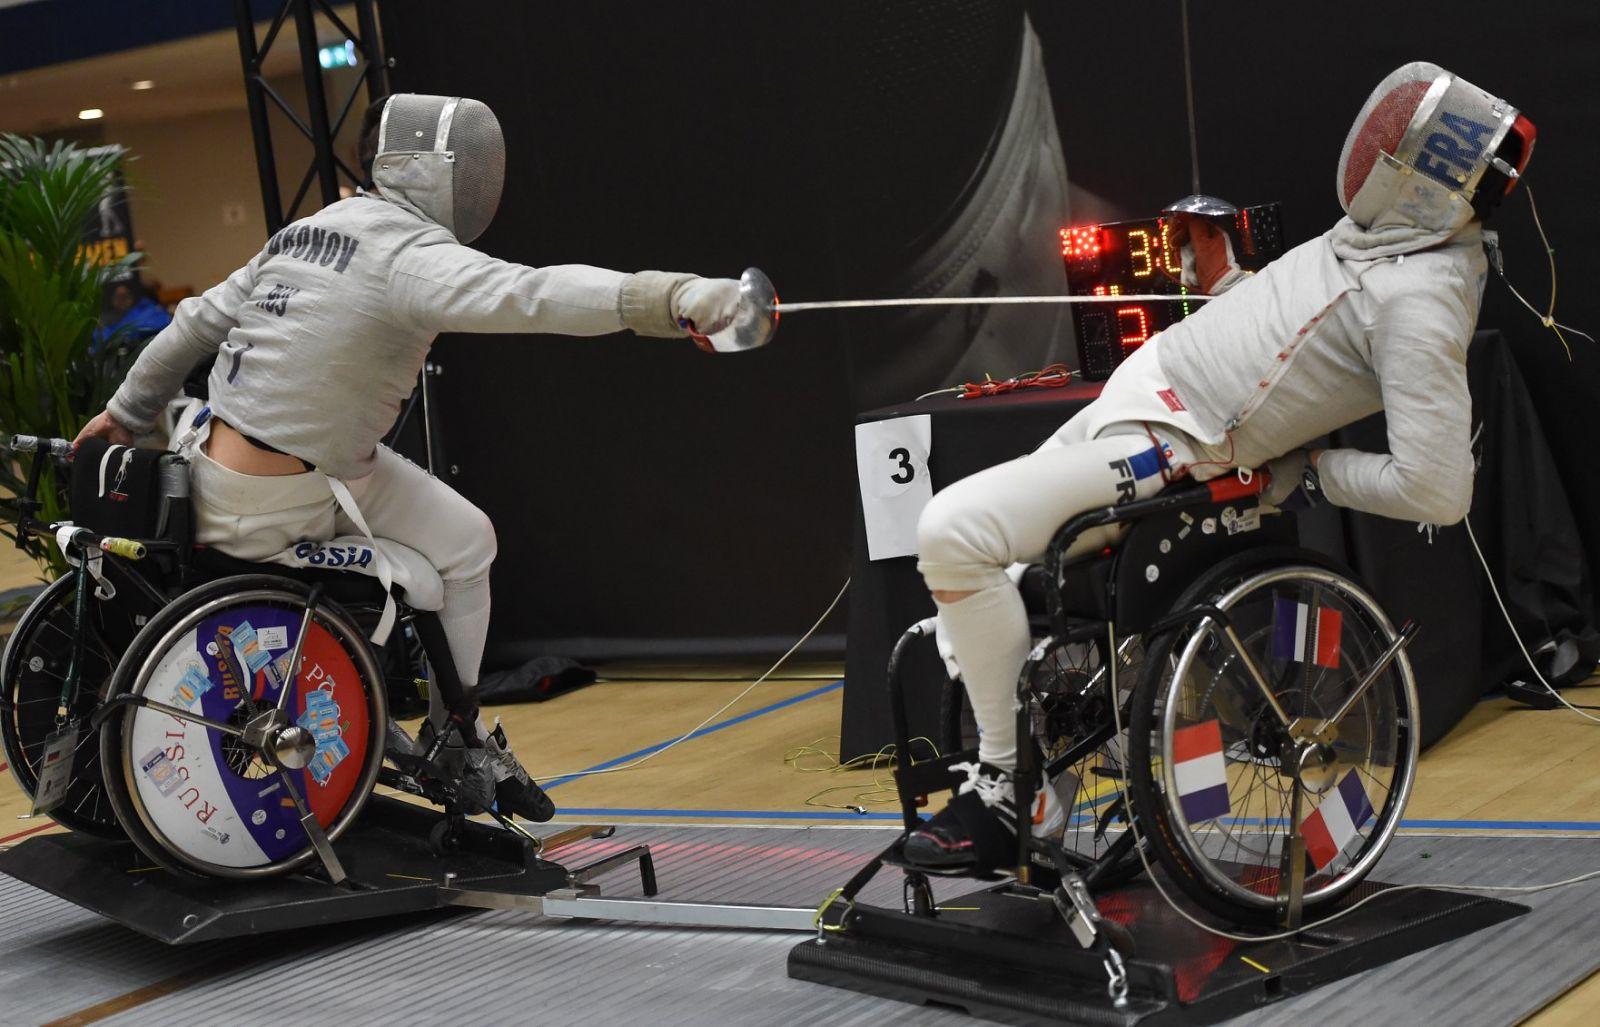 Сборная команда России по фехтованию на колясках завоевала 4 серебряные и 4 бронзовые медали на этапе Кубка мира в Нидерландах